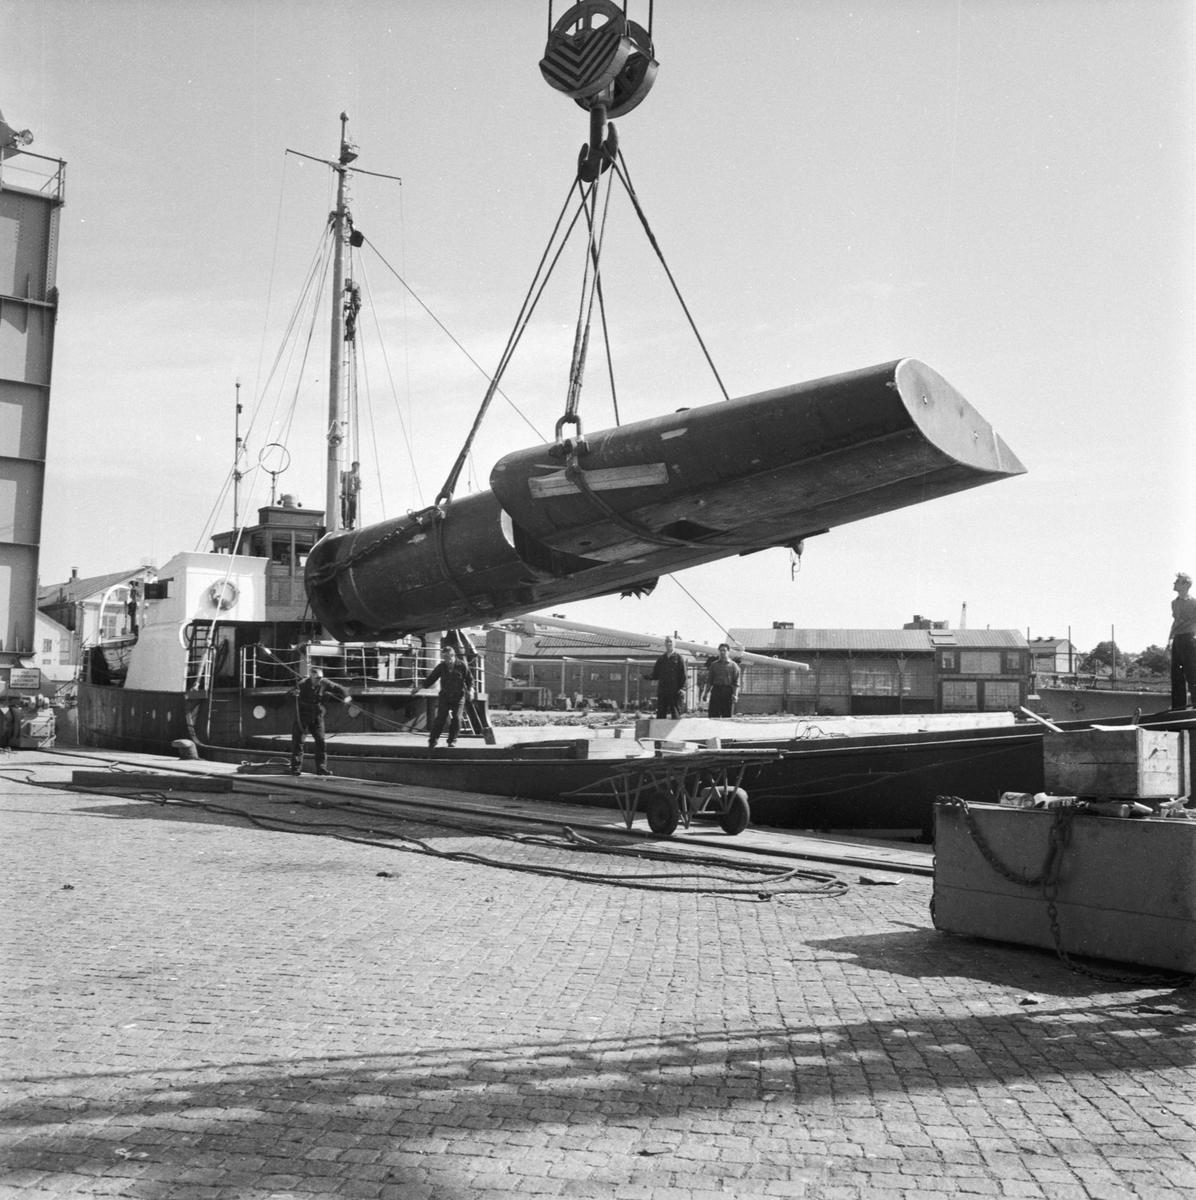 Övrigt: Foto datum: 21/7 1962 Verkstäder och personal. Lastning av roder till Kockum kran 14. Närmast identisk bild: V25111, ej skannad